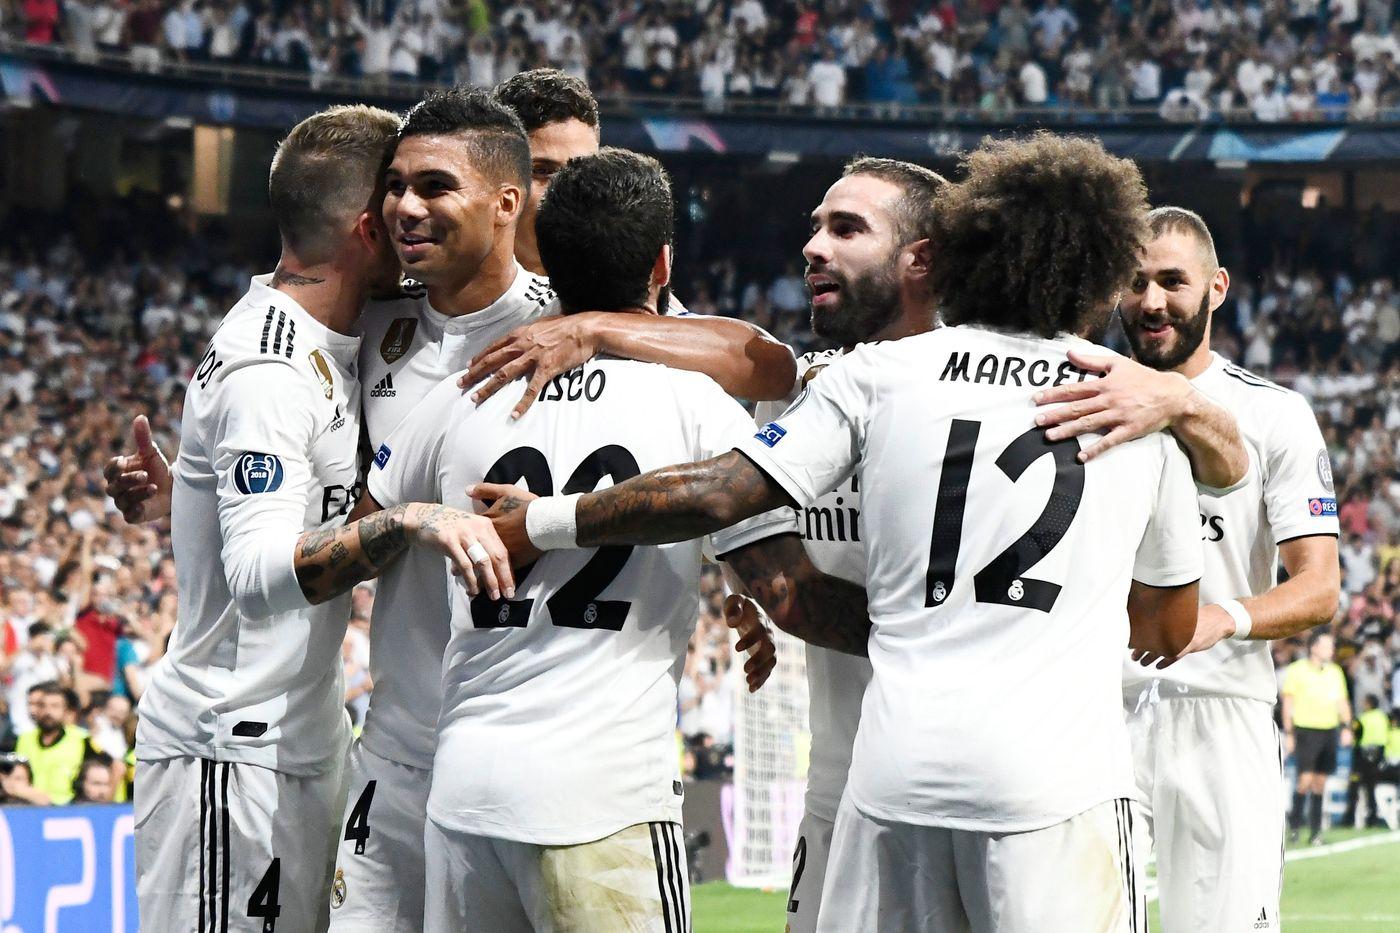 Champions League, Viktoria Plzen-Real Madrid mercoledì 7 novembre: analisi e pronostico della quarta giornata della fase a gironi